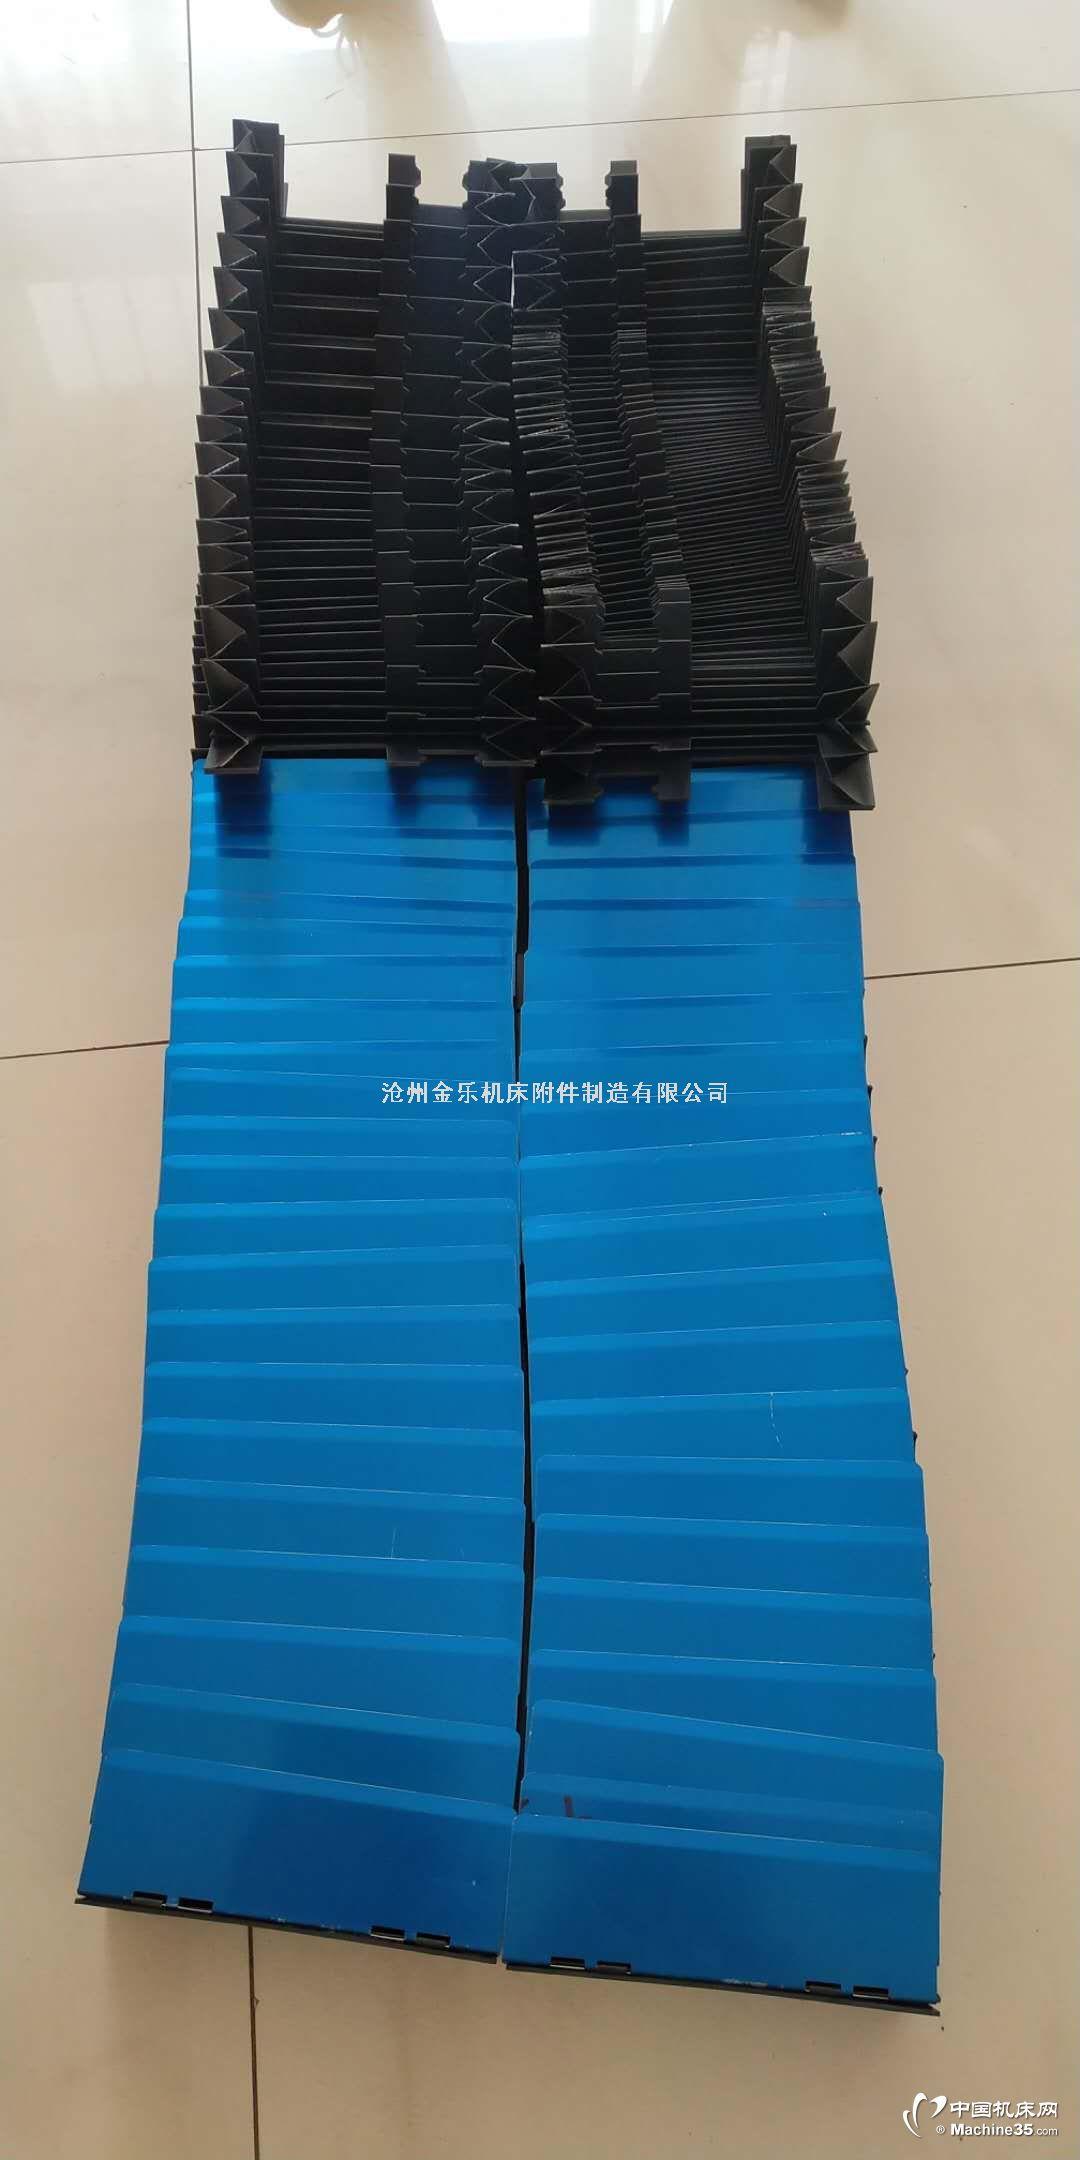 皮腔光纤机专用风琴罩直线导轨防尘布盔甲防火阻燃皮老虎